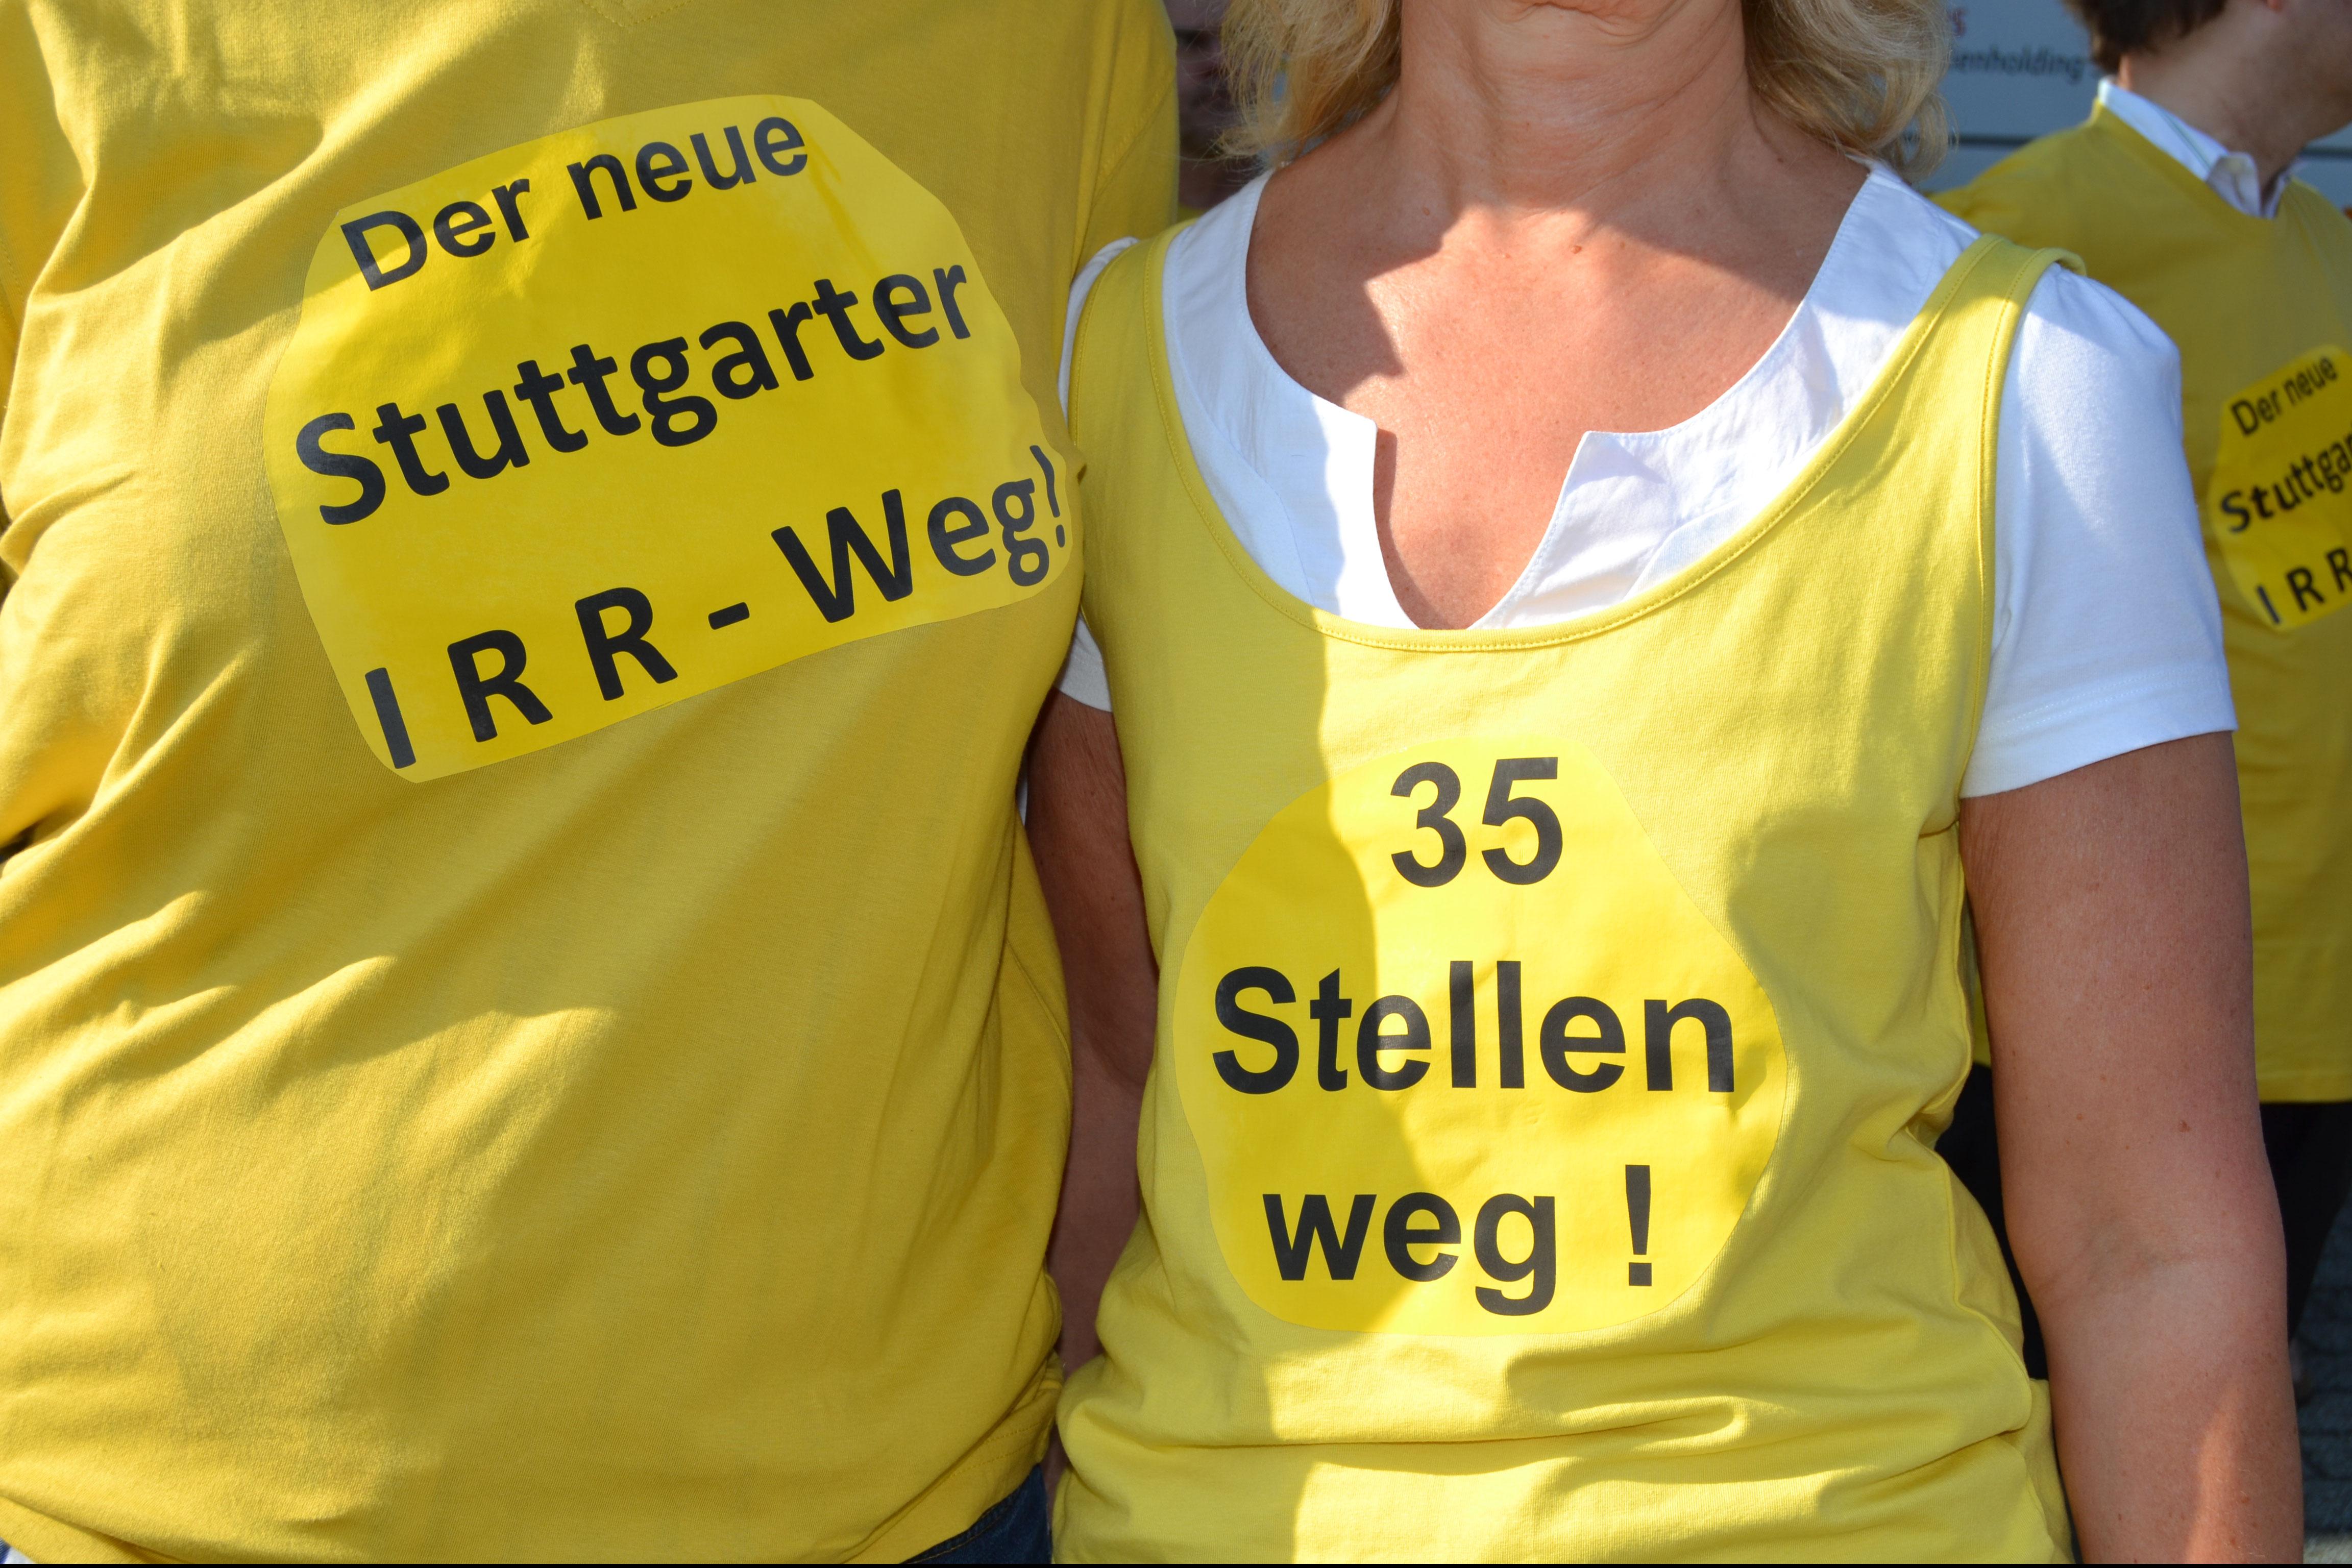 Bereits 2015 wiesen die Kolleg*innen beim Stuttgarter Pressehaus auf den Irrweg hin – und bekommen wiederum recht. Foto: Christoph Holbein